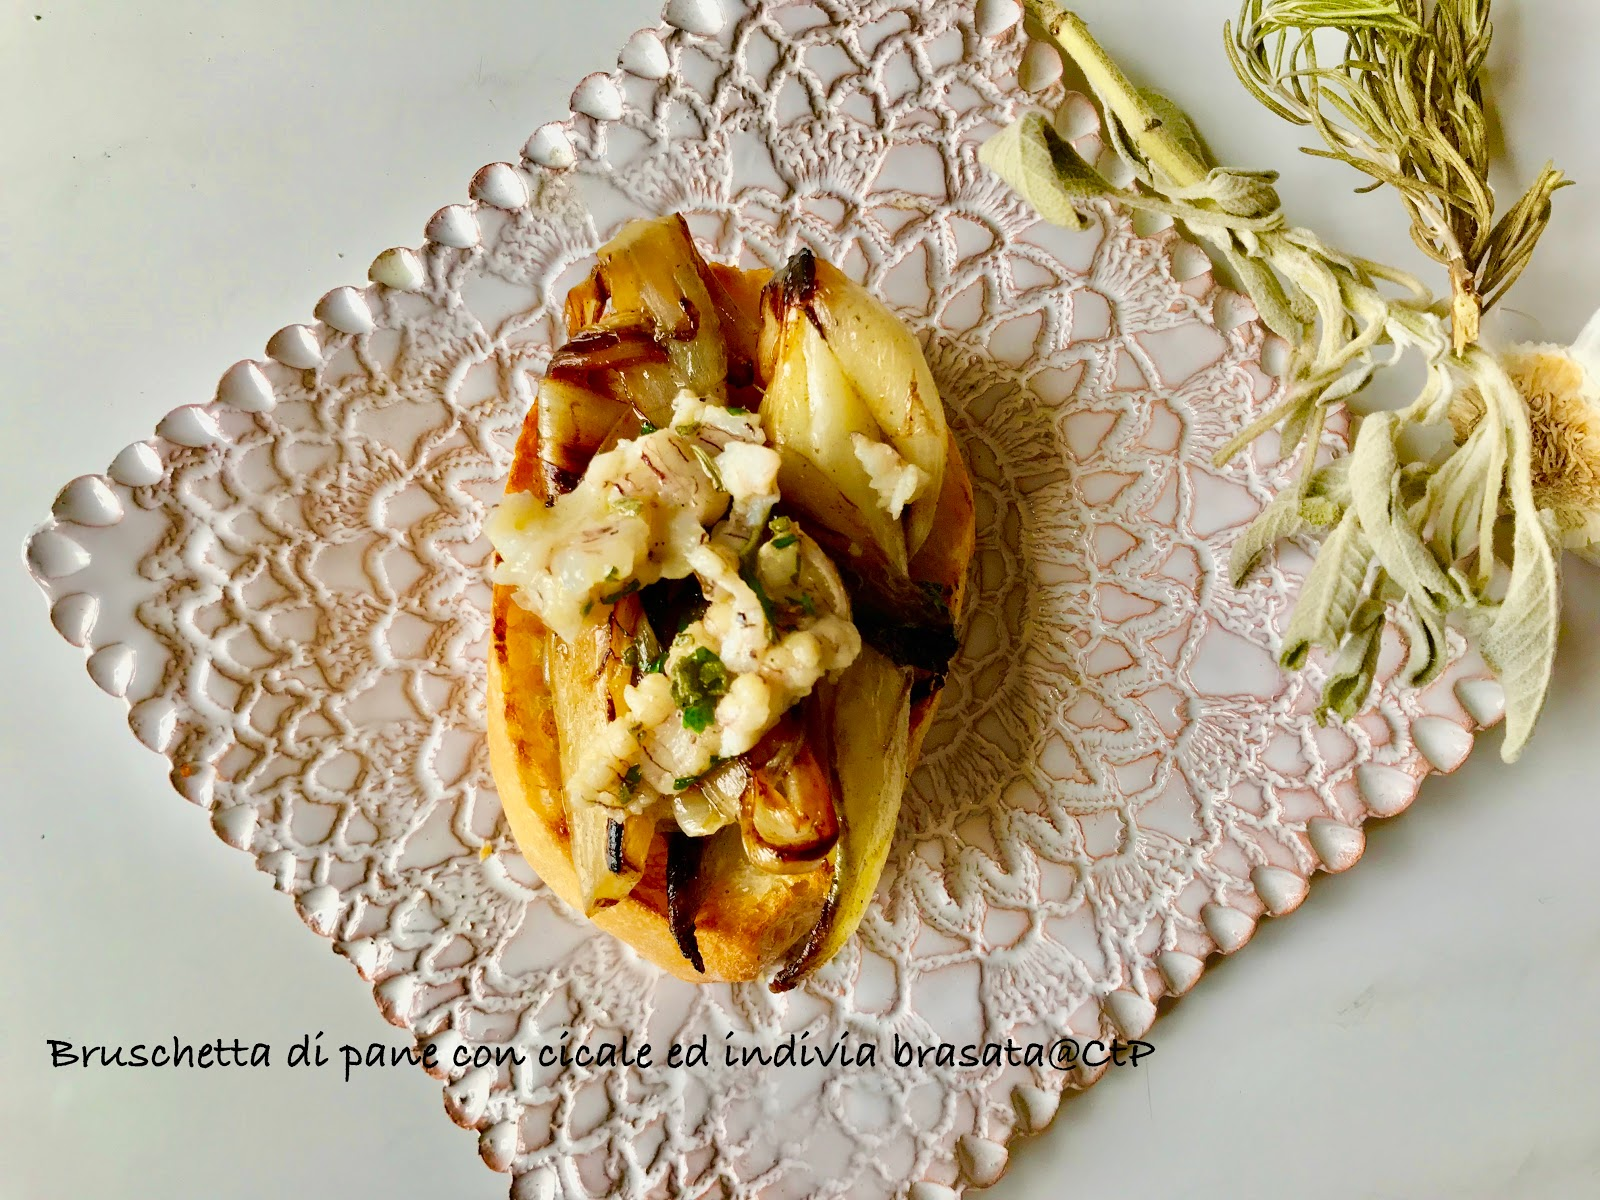 Bruschetta di pane con cicale ed indivia brasata alessandra ruggeri